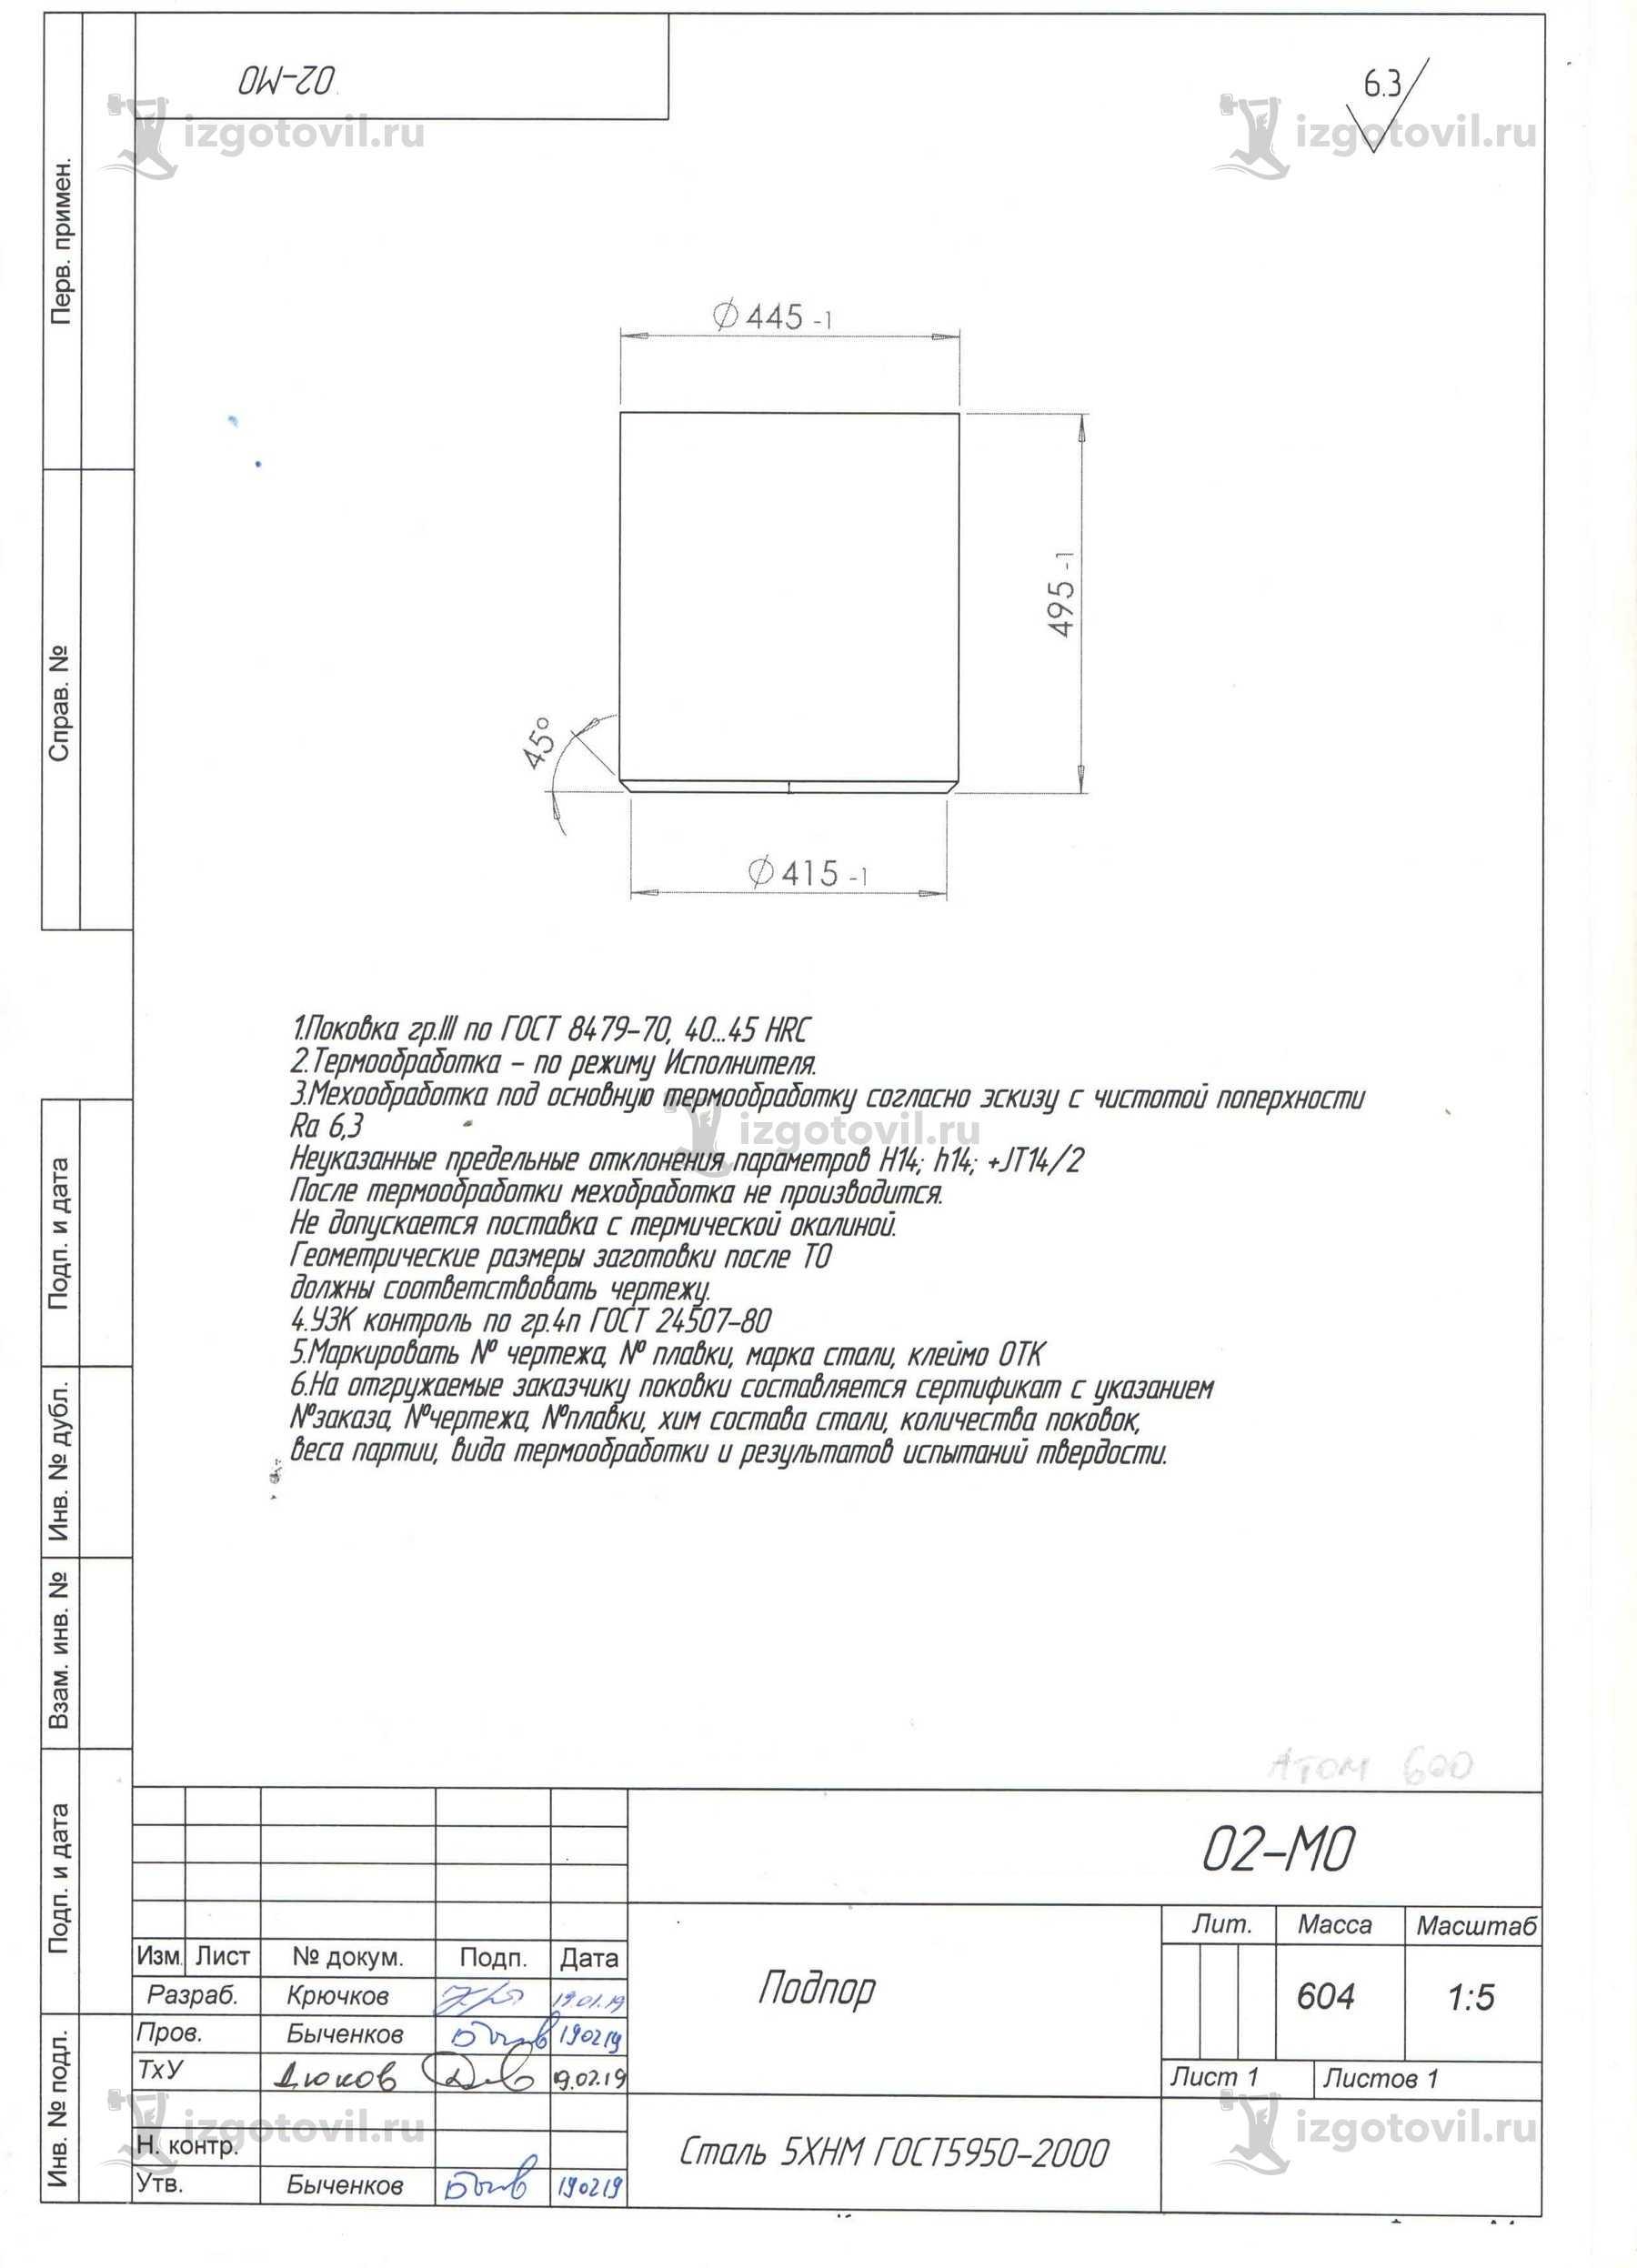 Изготовление цилиндрических деталей (подпор, пуансон)